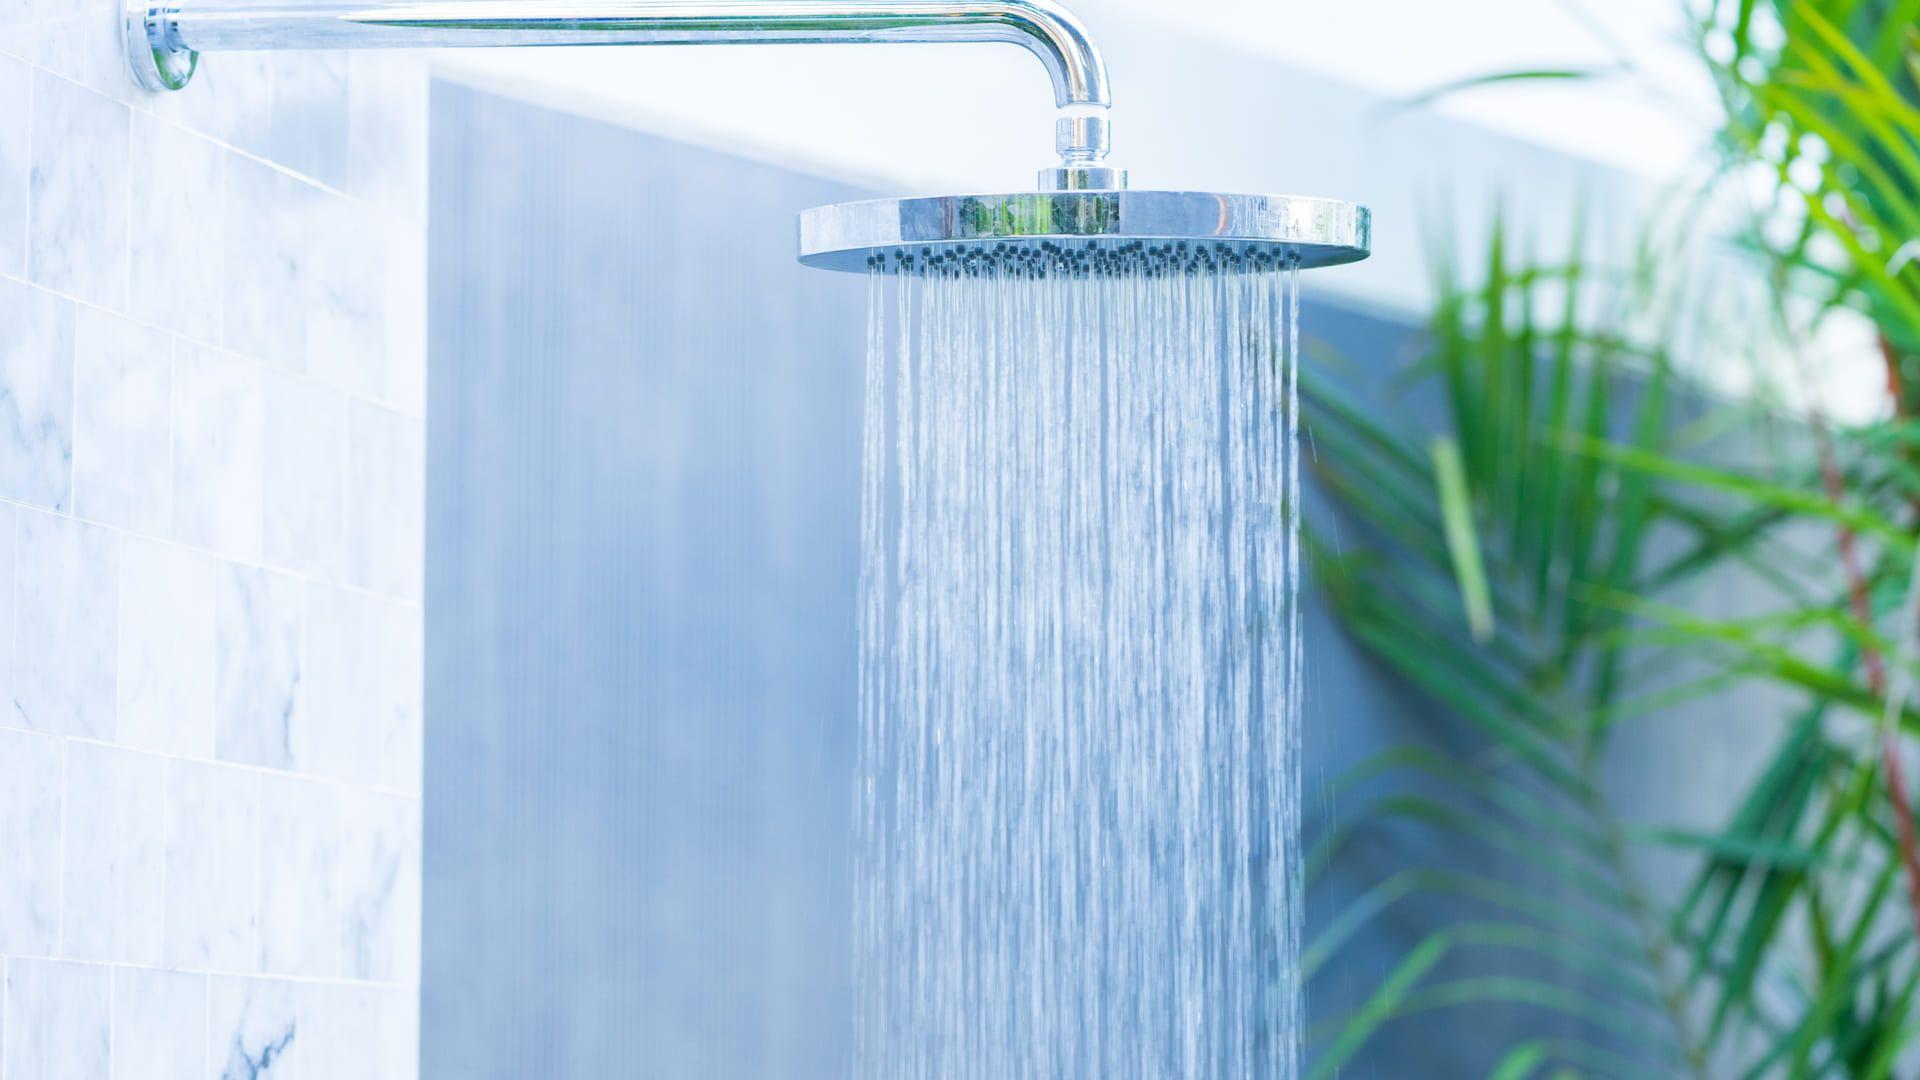 Aprenda a trocar a resistência do seu chuveiro em seis passos. (Imagem: Reprodução/Shutterstock)